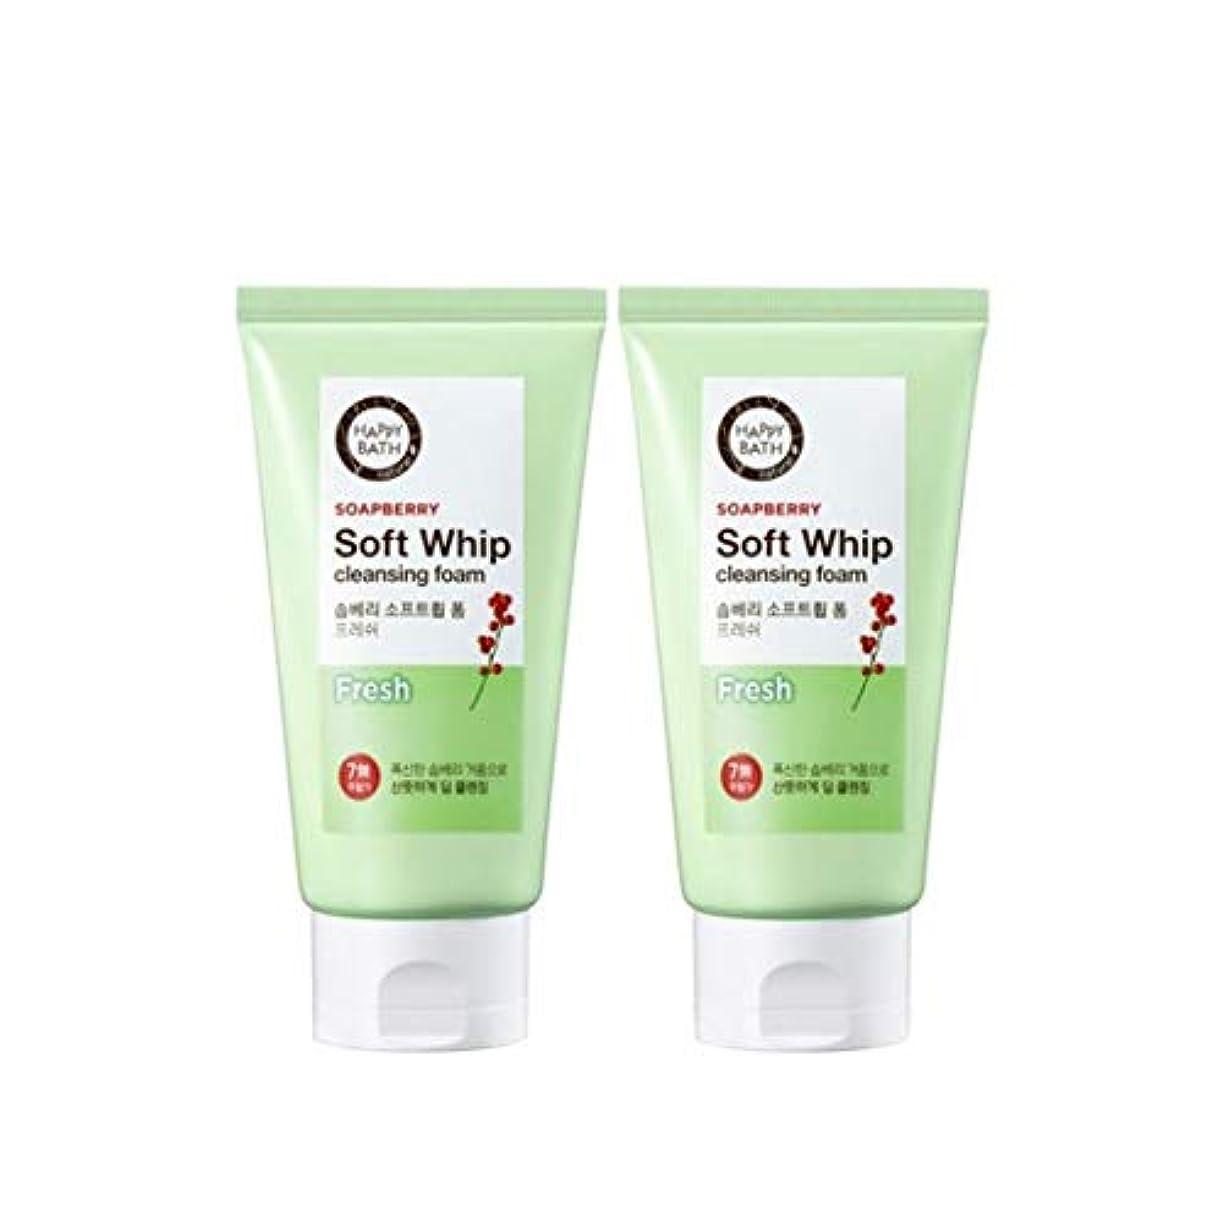 非行物思いにふけるフェミニンハッピーバスソープベリーソフトホイップフレッシュクレンジングフォーム150gx2本セット韓国コスメ、Happy Bath Soapberry Soft Whip Fresh Cleansing Foam 150g x 2ea...